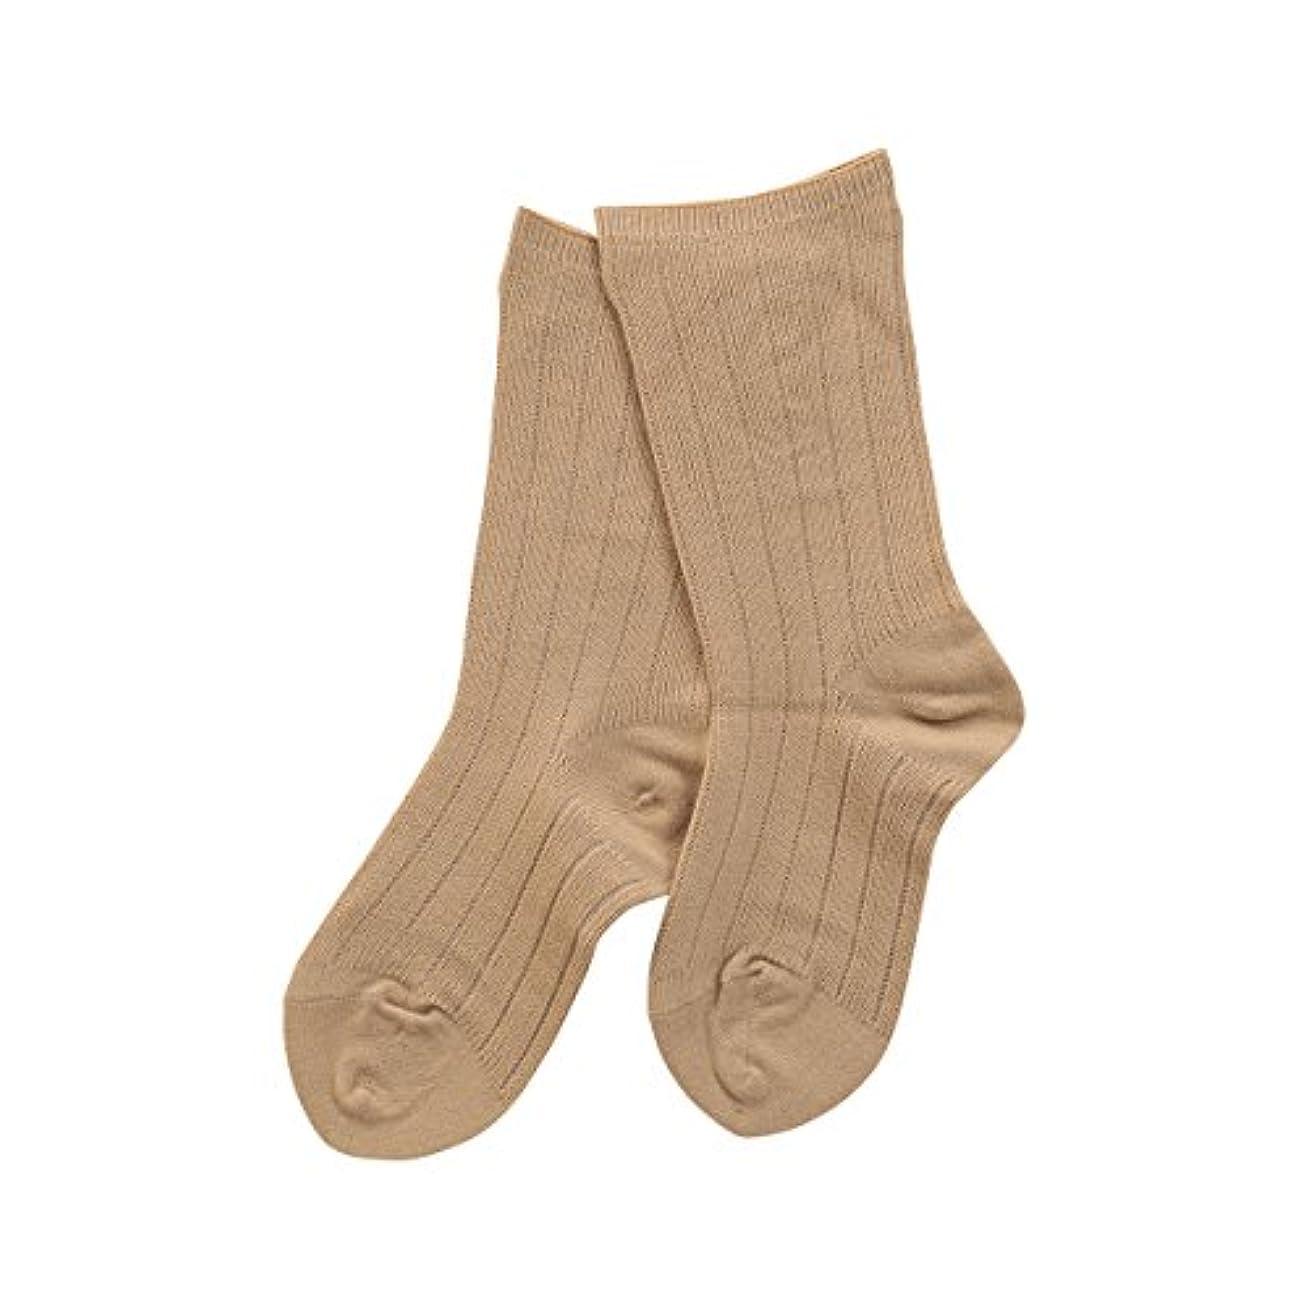 懐疑的貫通する分析(コベス) KOBES ゴムなし 毛混 超ゆったり靴下 日本製 婦人靴下